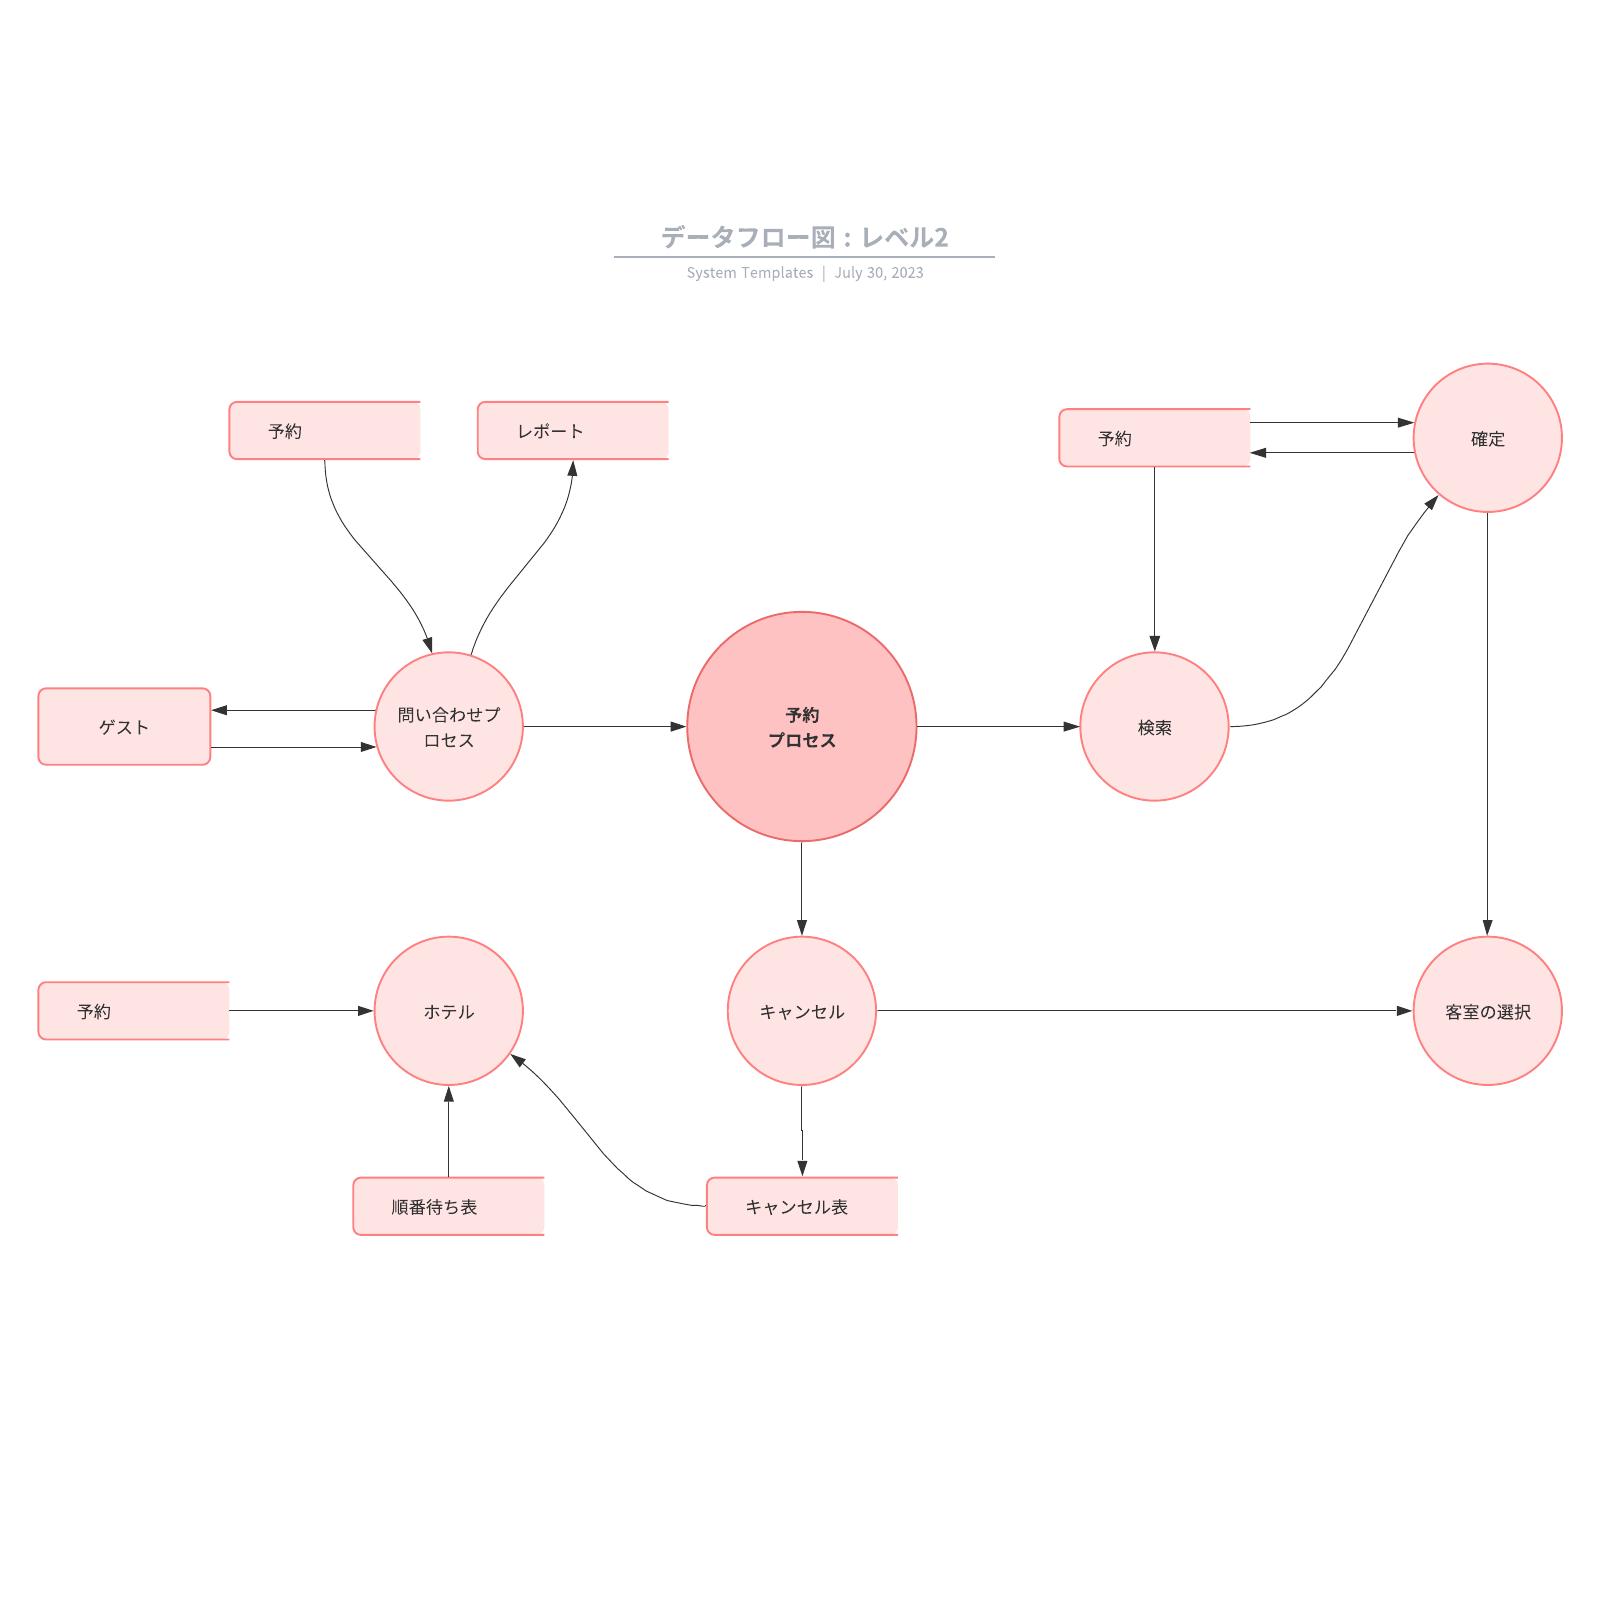 データフロー図 : レベル2